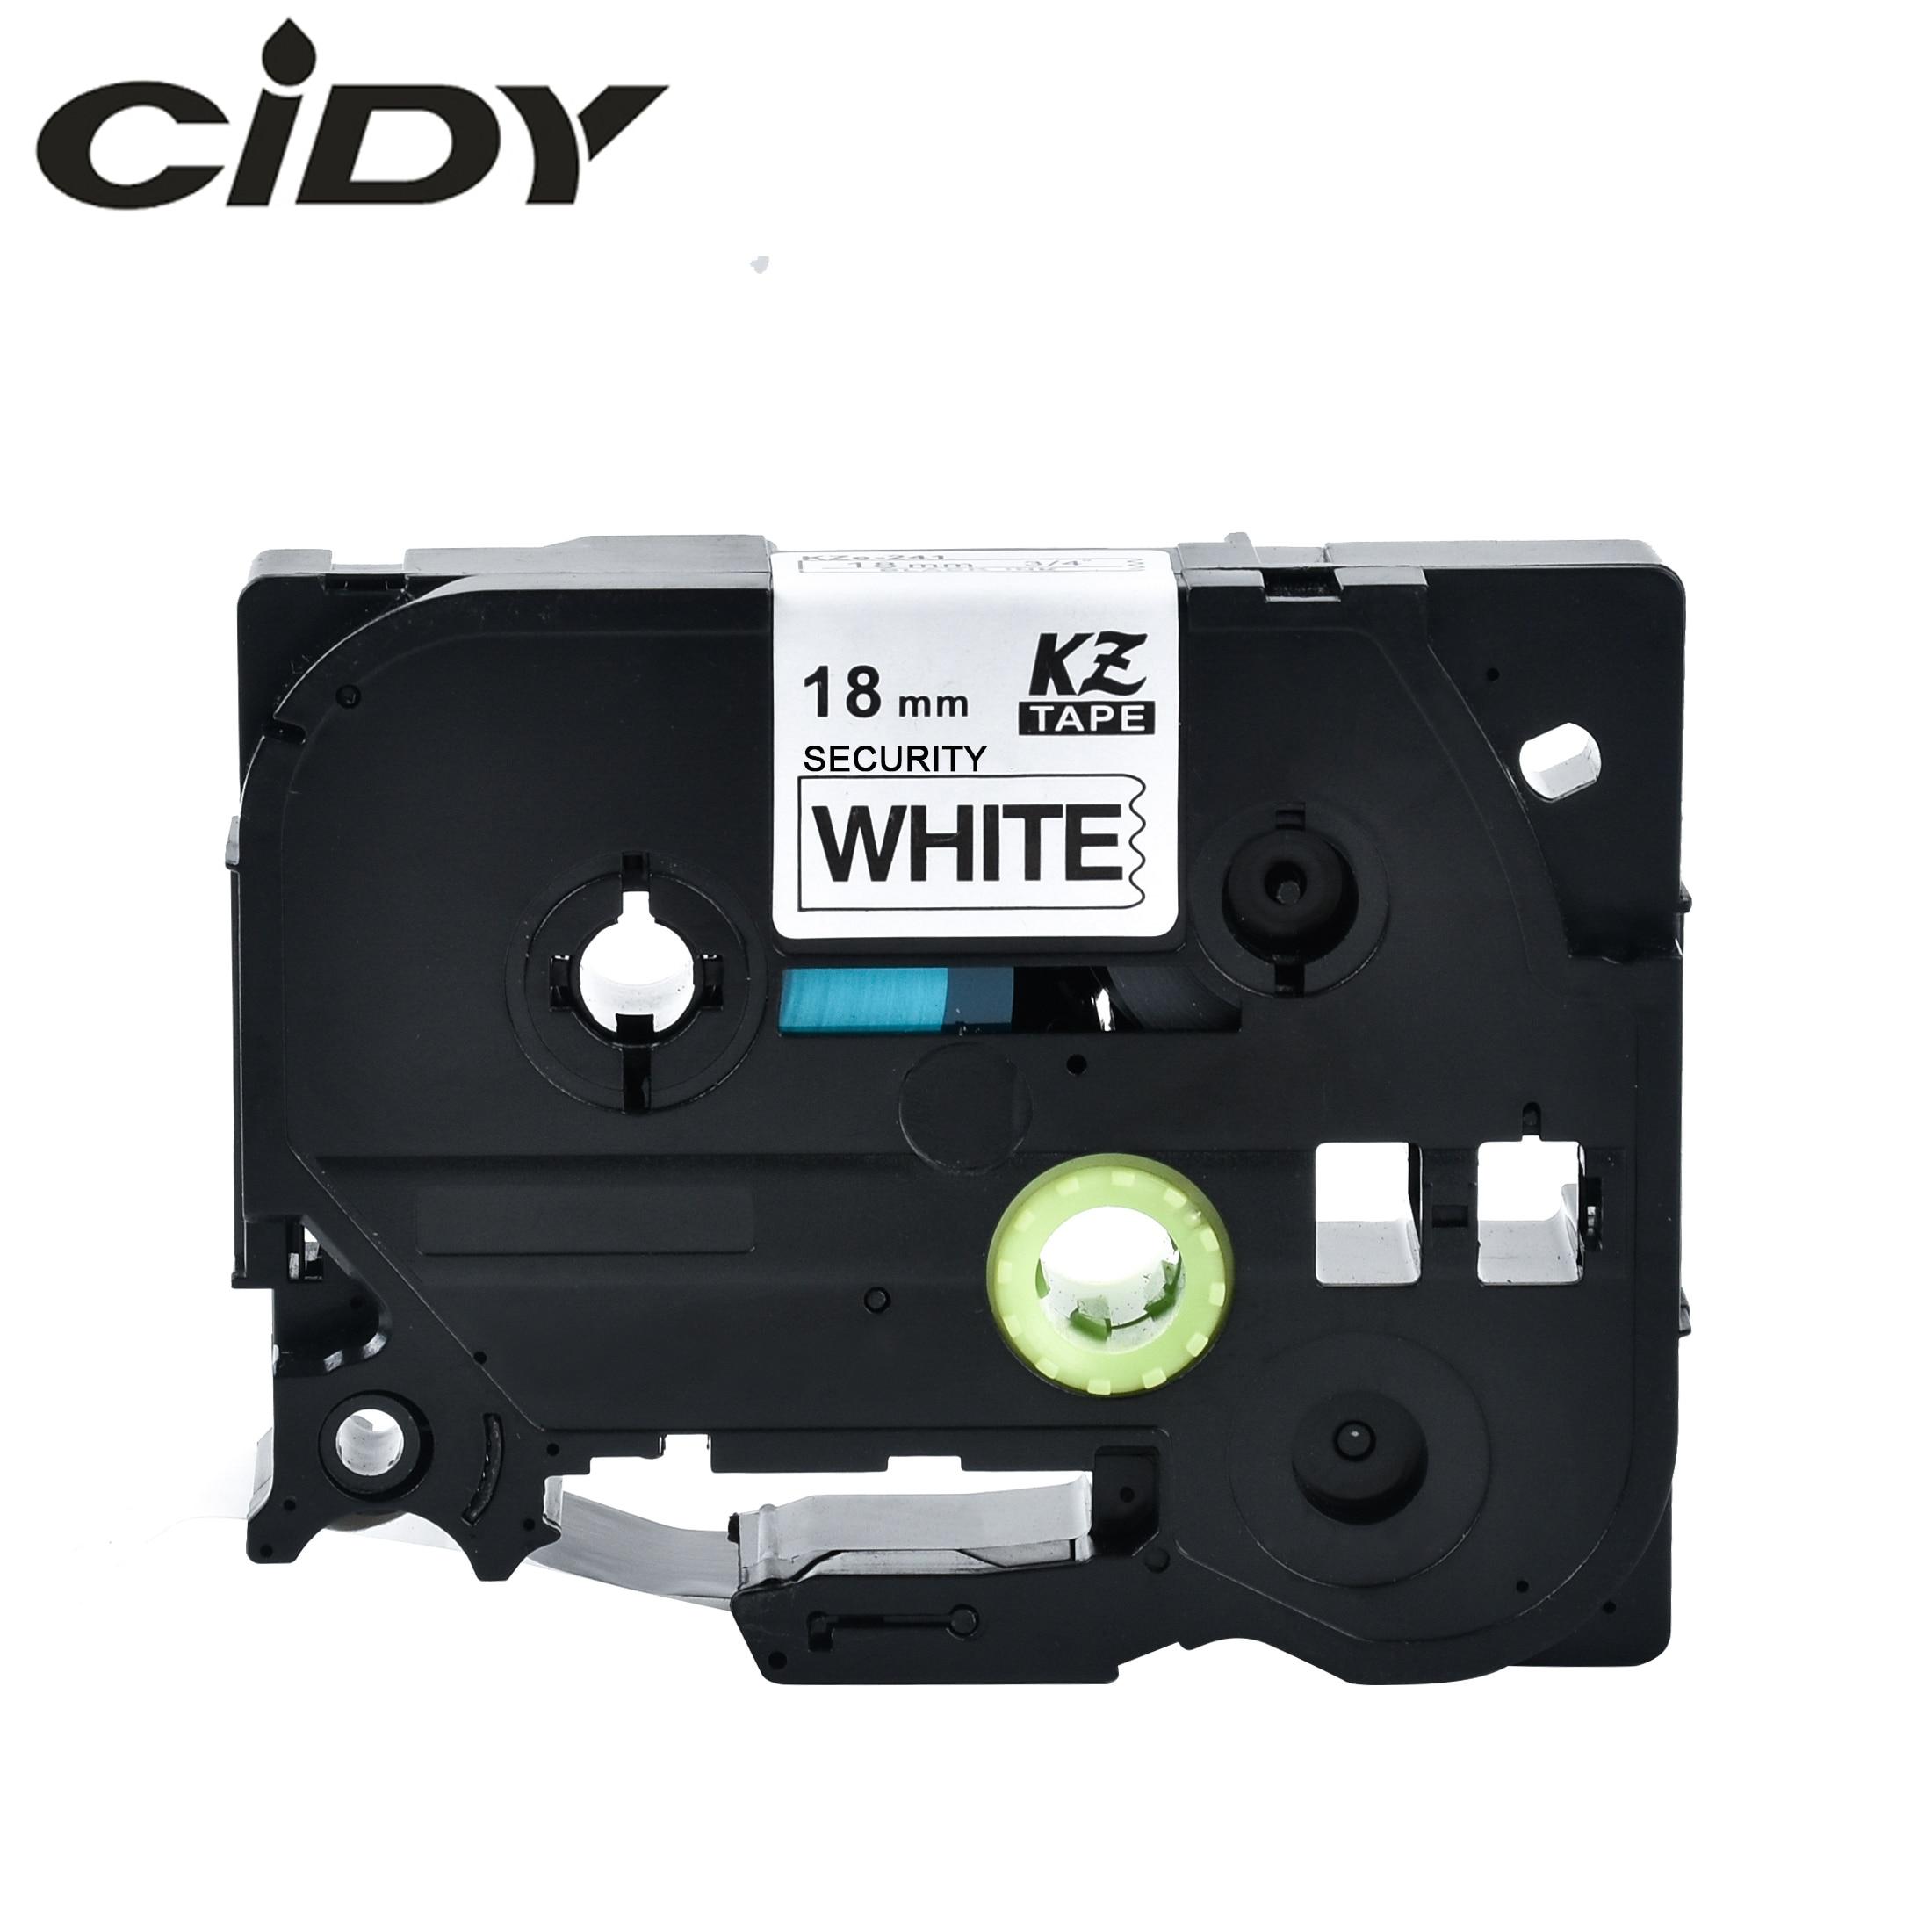 Cidy 20pcs 18mm Compatible Security label tapes TZe SE4 TZe SE4 TZ SE4 TZ SE4 p